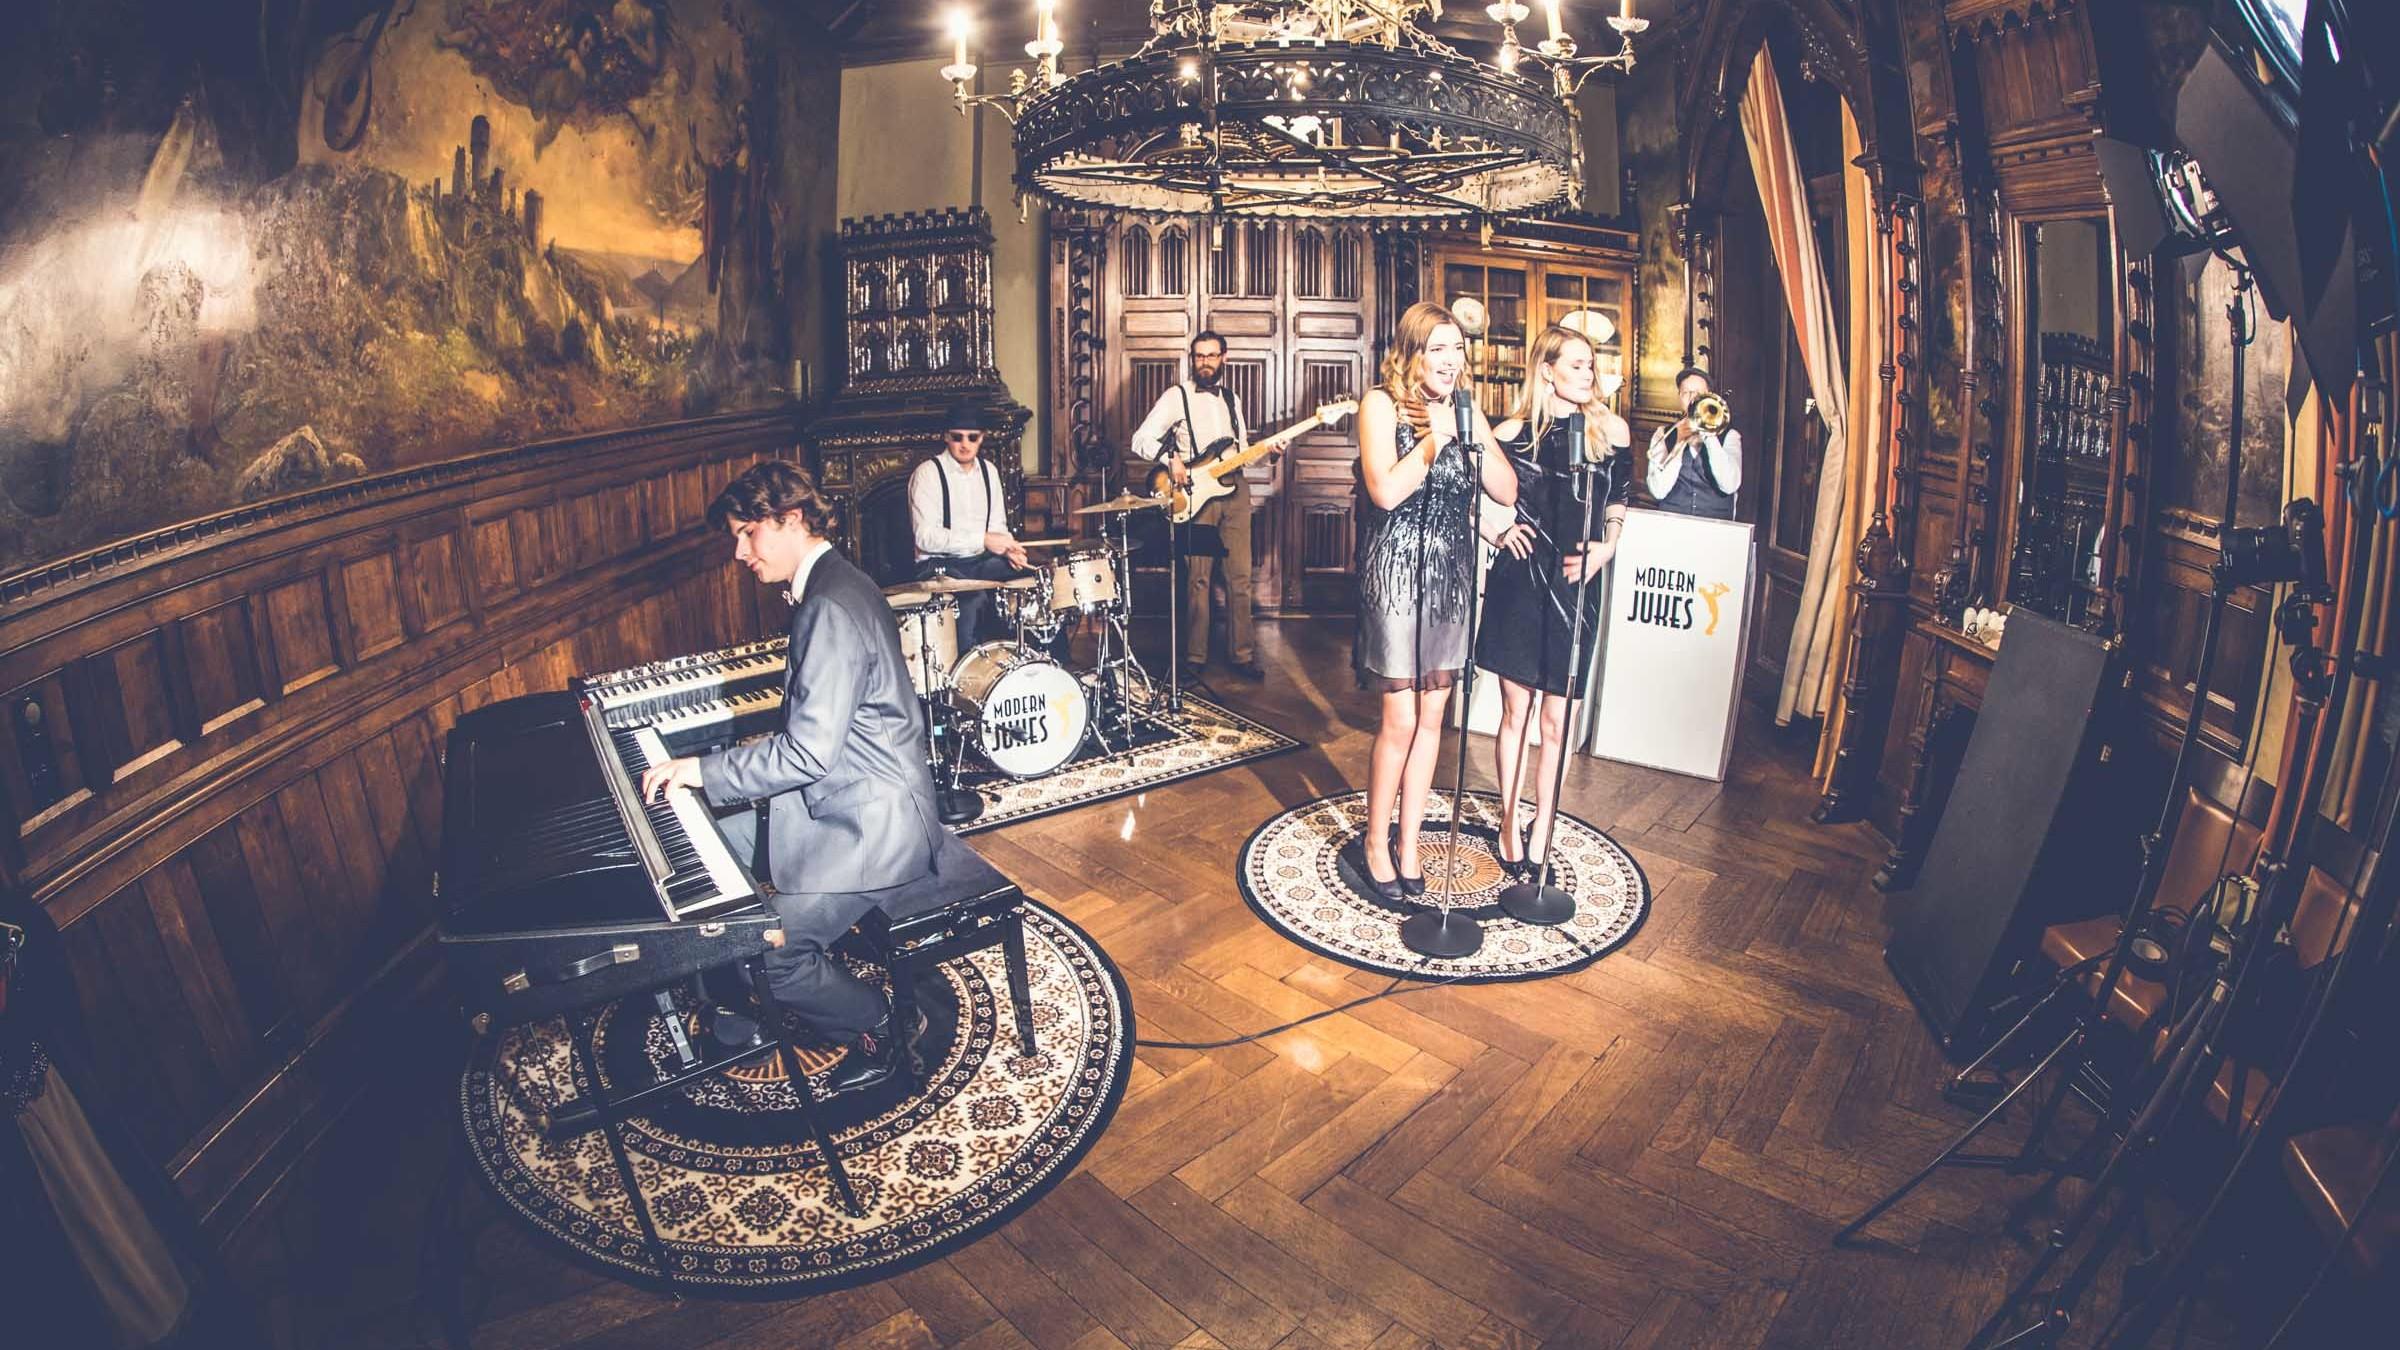 Glitzerplatte | Partner | Modern | Jukes | Pop | Band | Party | Band | Swing | Band | Jazz | Band | Hannover | Swing | Jazz | Lounge | Empfang | Trauung | Hochzeit | Buchen | Mieten | Anfragen